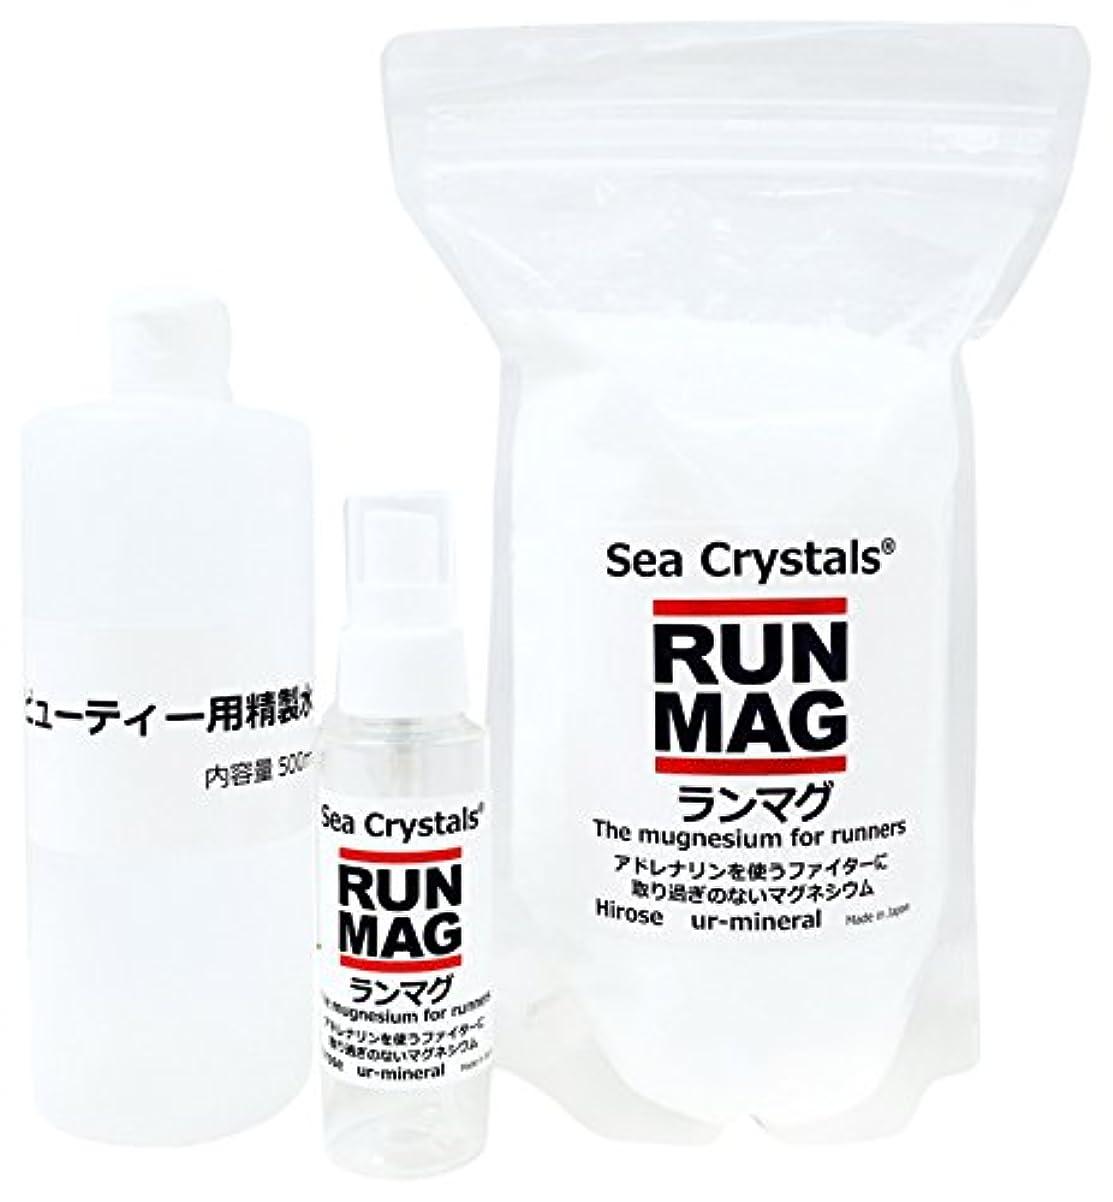 急襲絶対に誕生日ランマグ?マグネシウムオイル 500g 化粧品登録 日本製 1日マグネシウム360mg使用  精製水付き